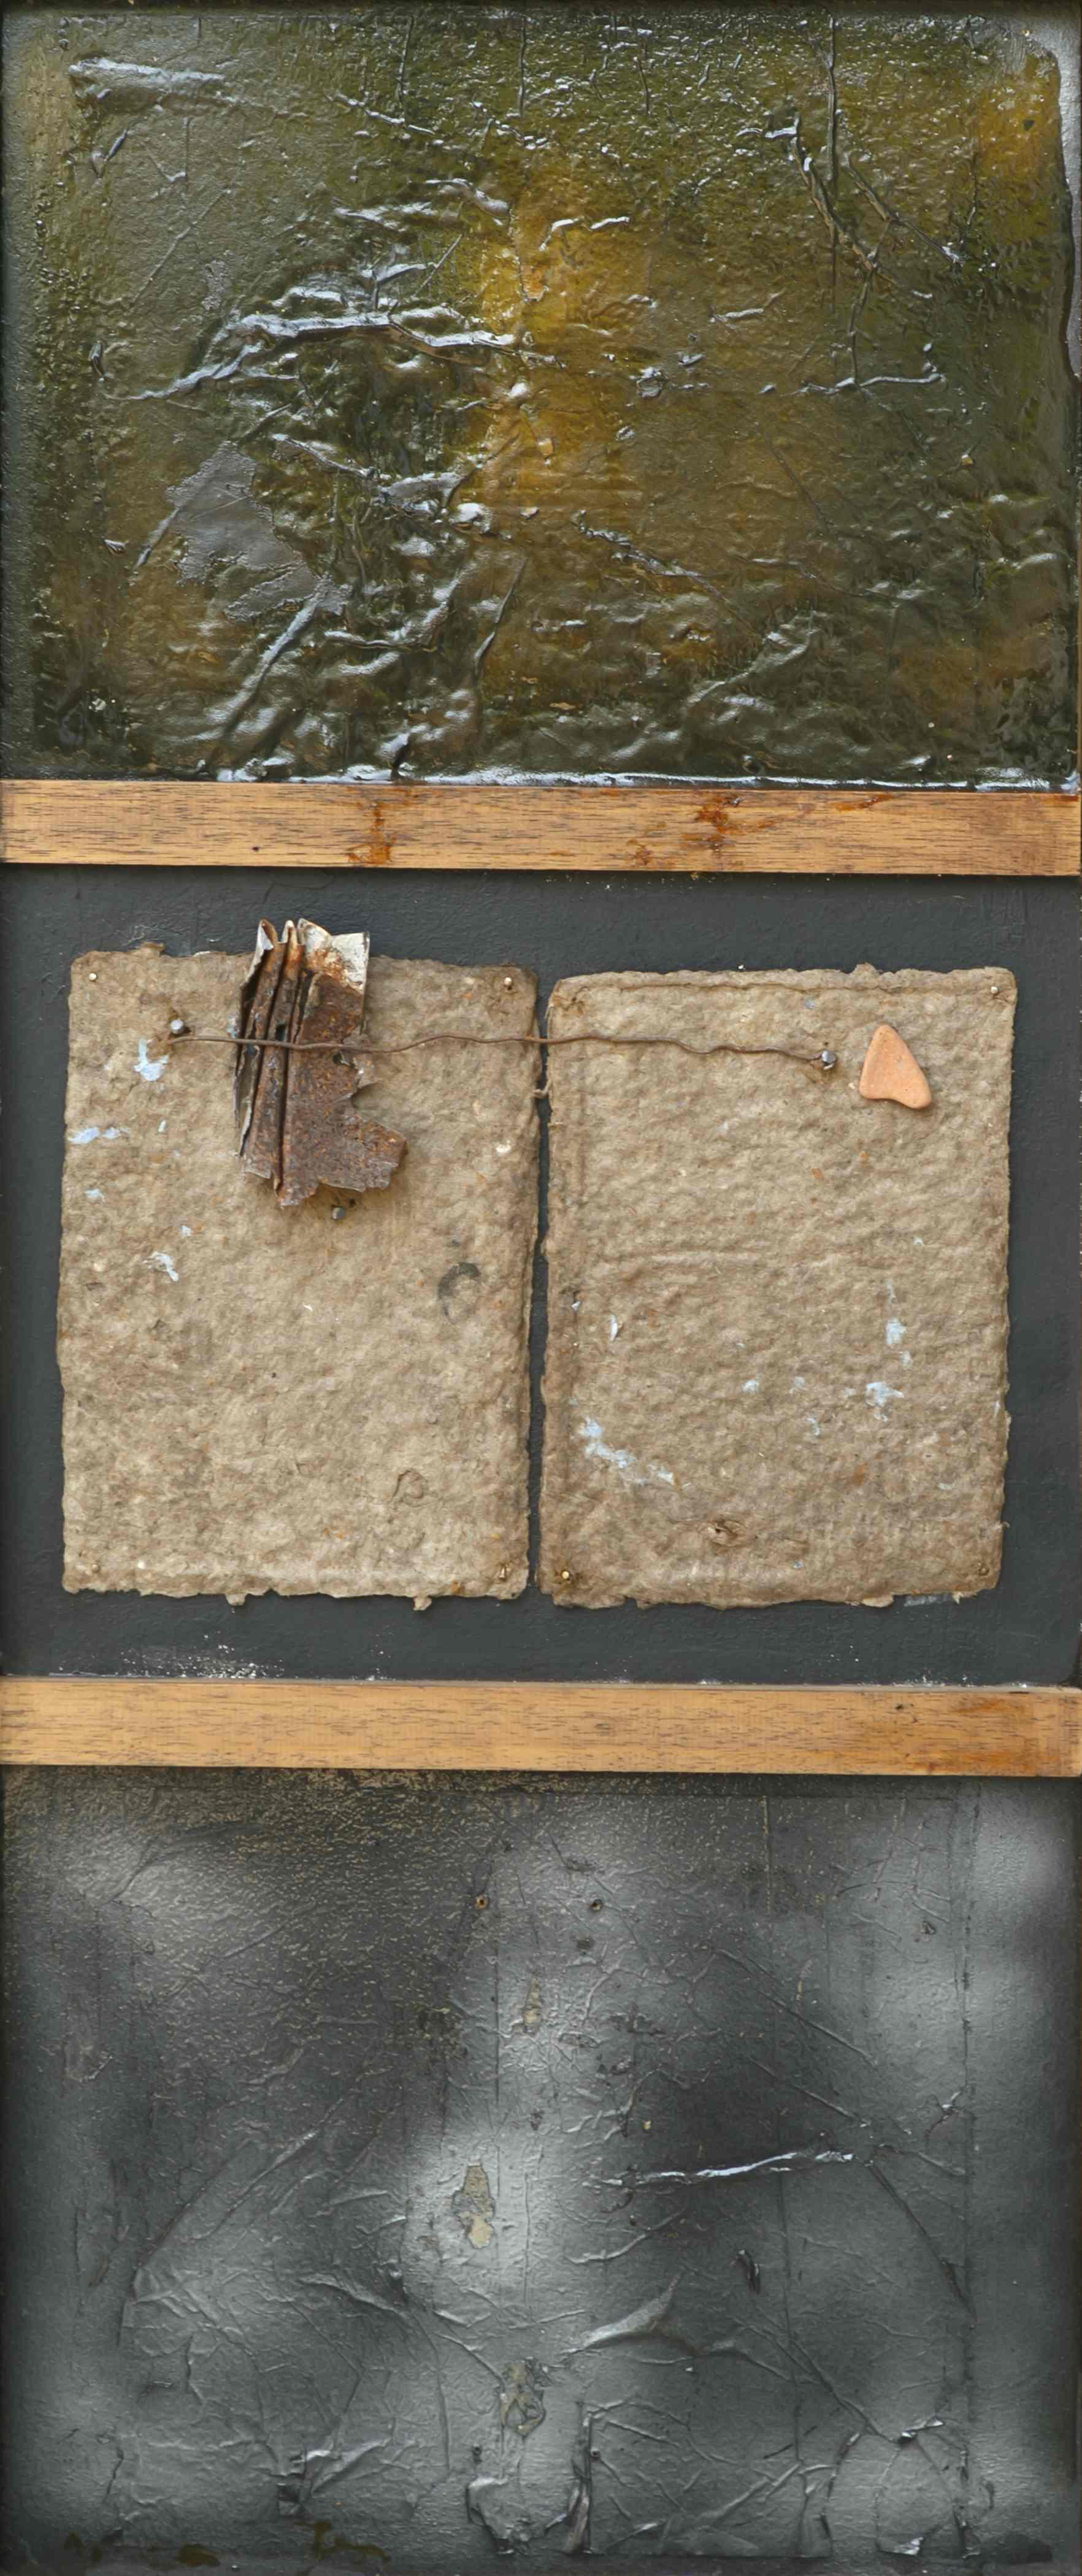 Il dialogo del visibile, ferro, carta a mano, sasso, vetroresina su tavola, 95x41, 2005